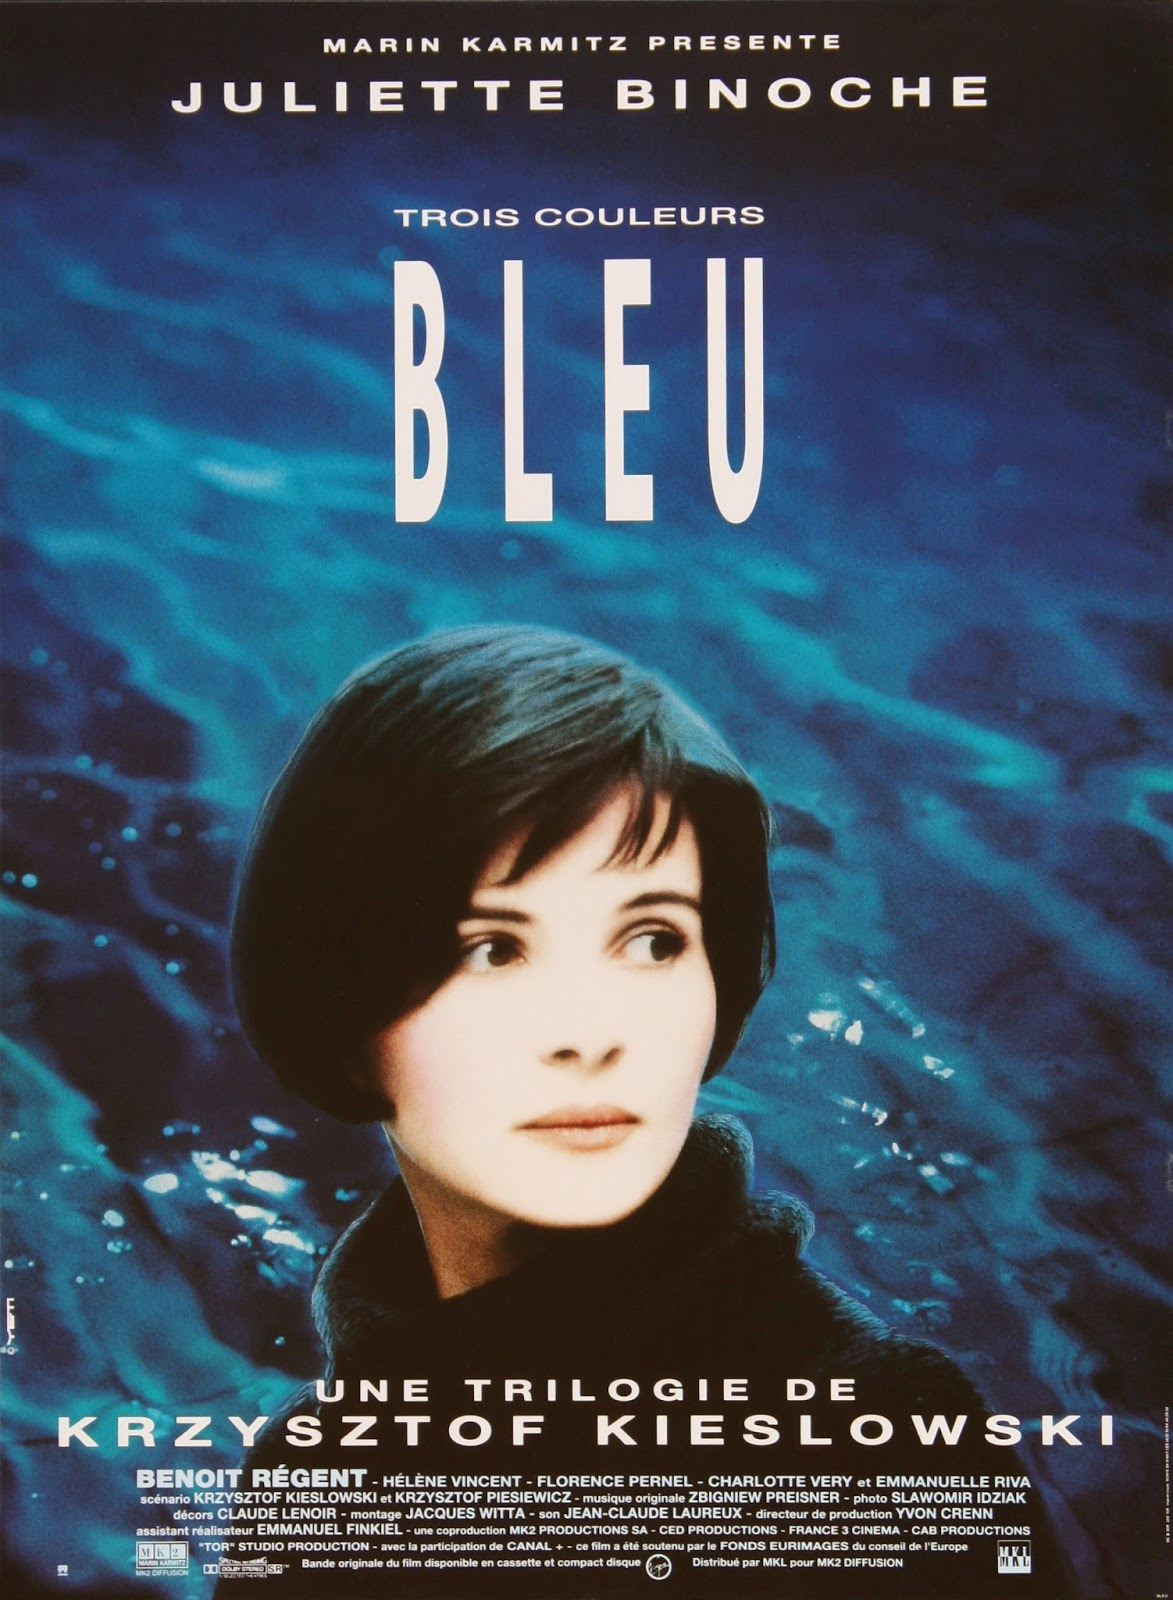 affiche du film Trois couleurs: Bleu